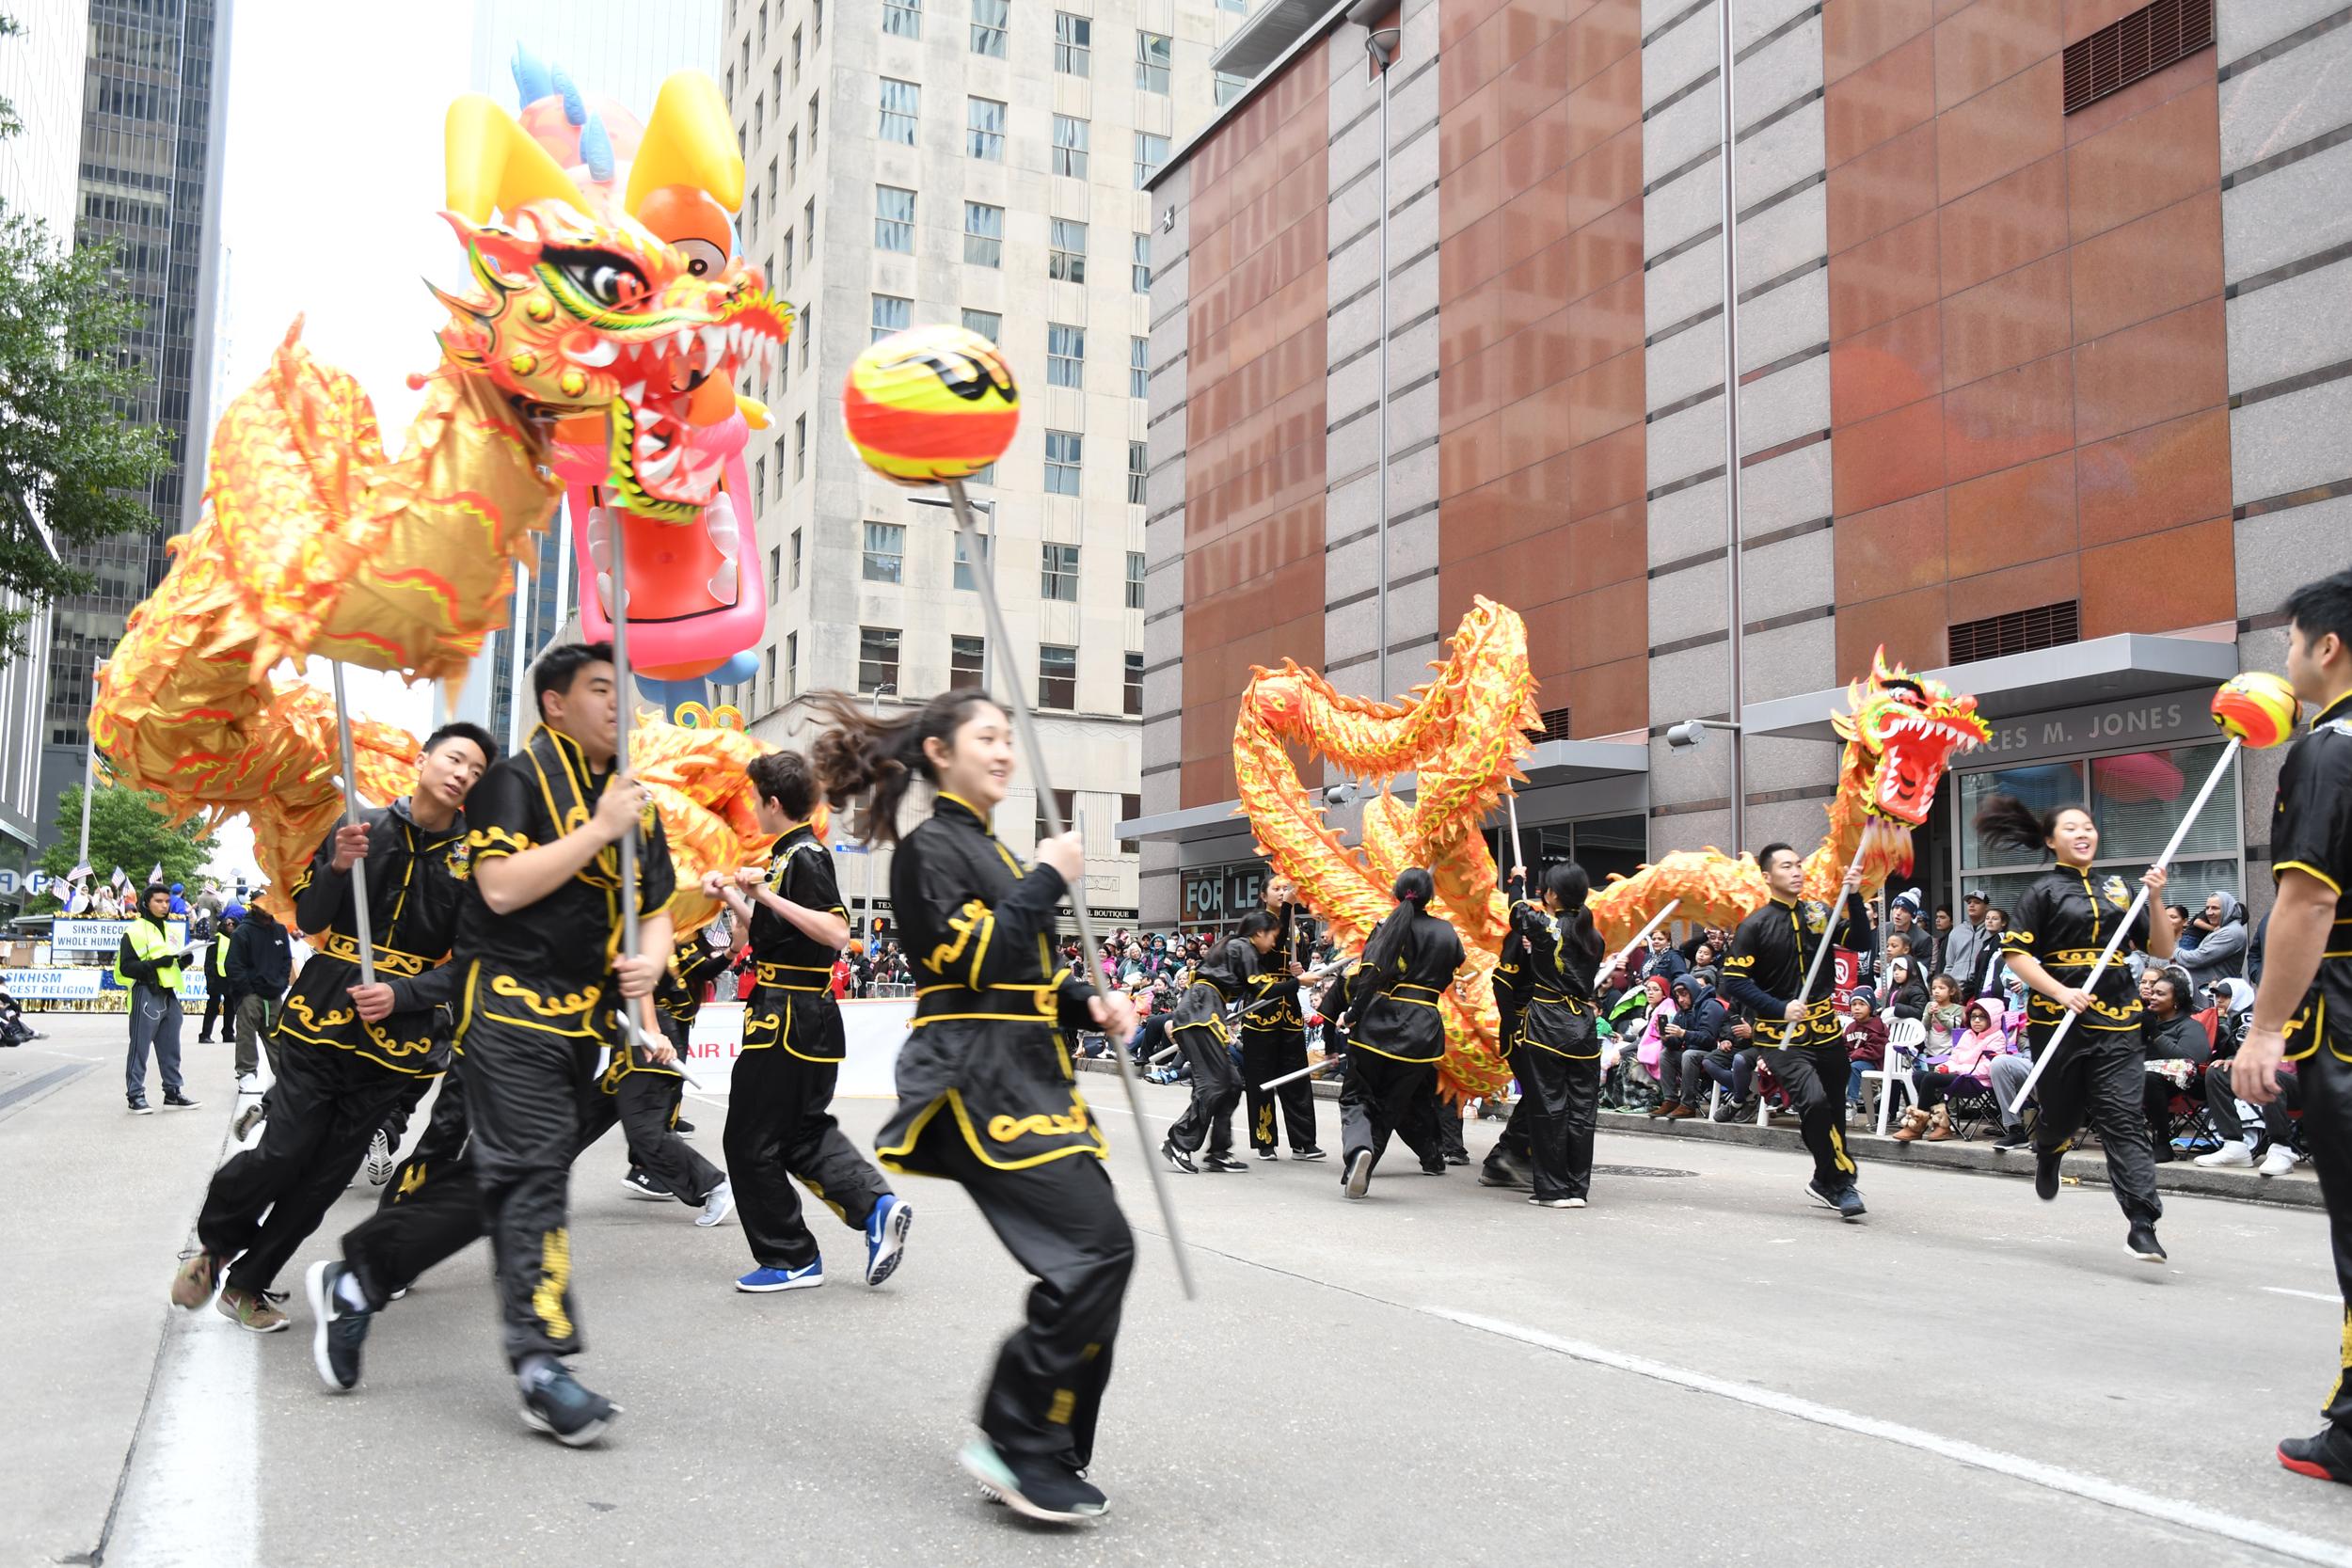 舞龍隊在行進中展現盤旋翻騰,龍搶寶珠的技巧表演。